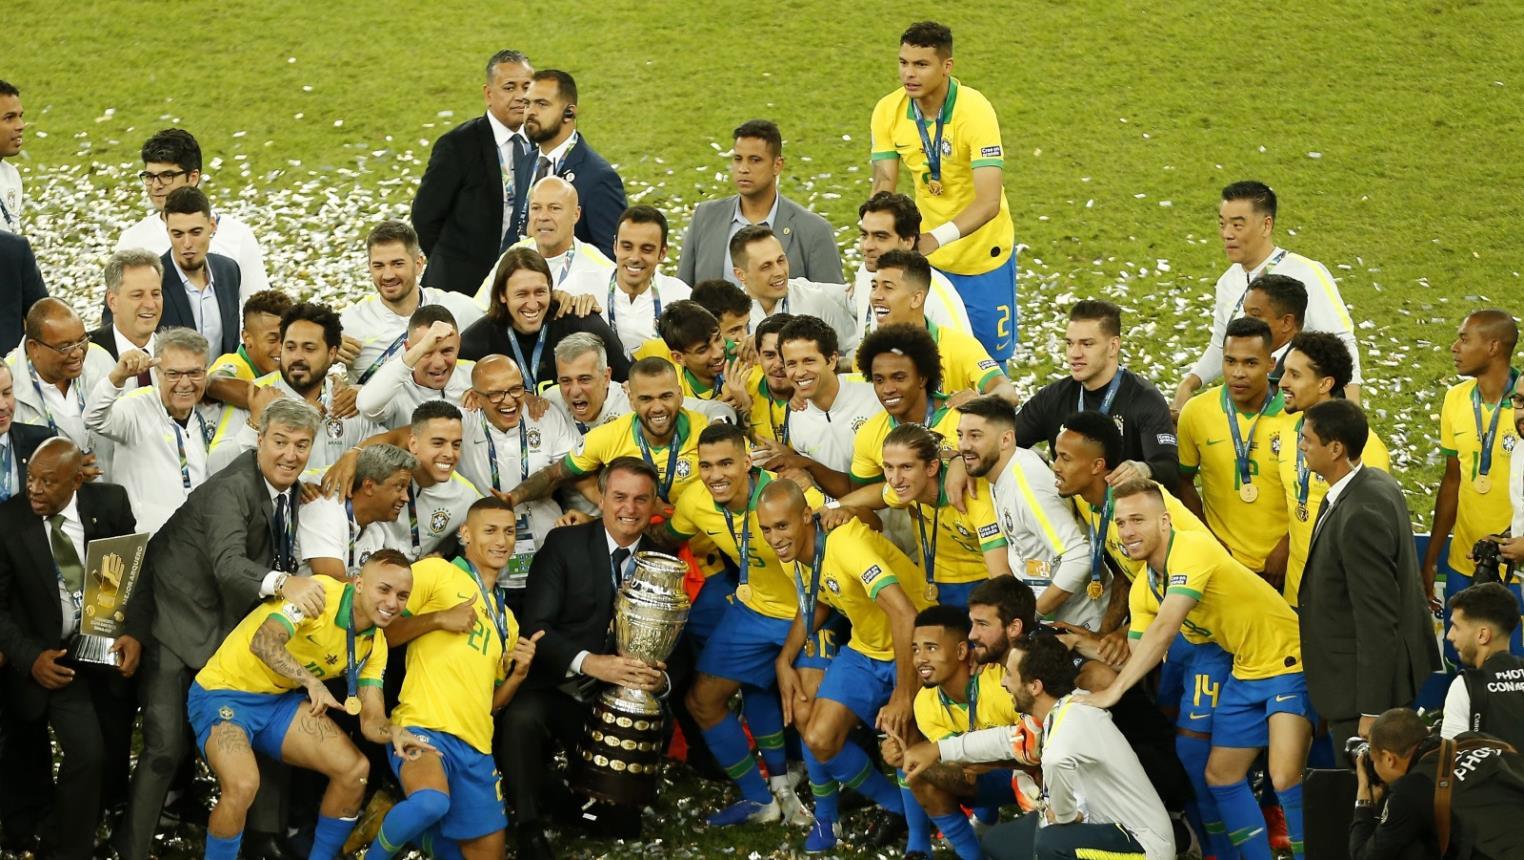 البرازيل بطلة كوبا أمريكا للمرة التاسعة في تأريخها